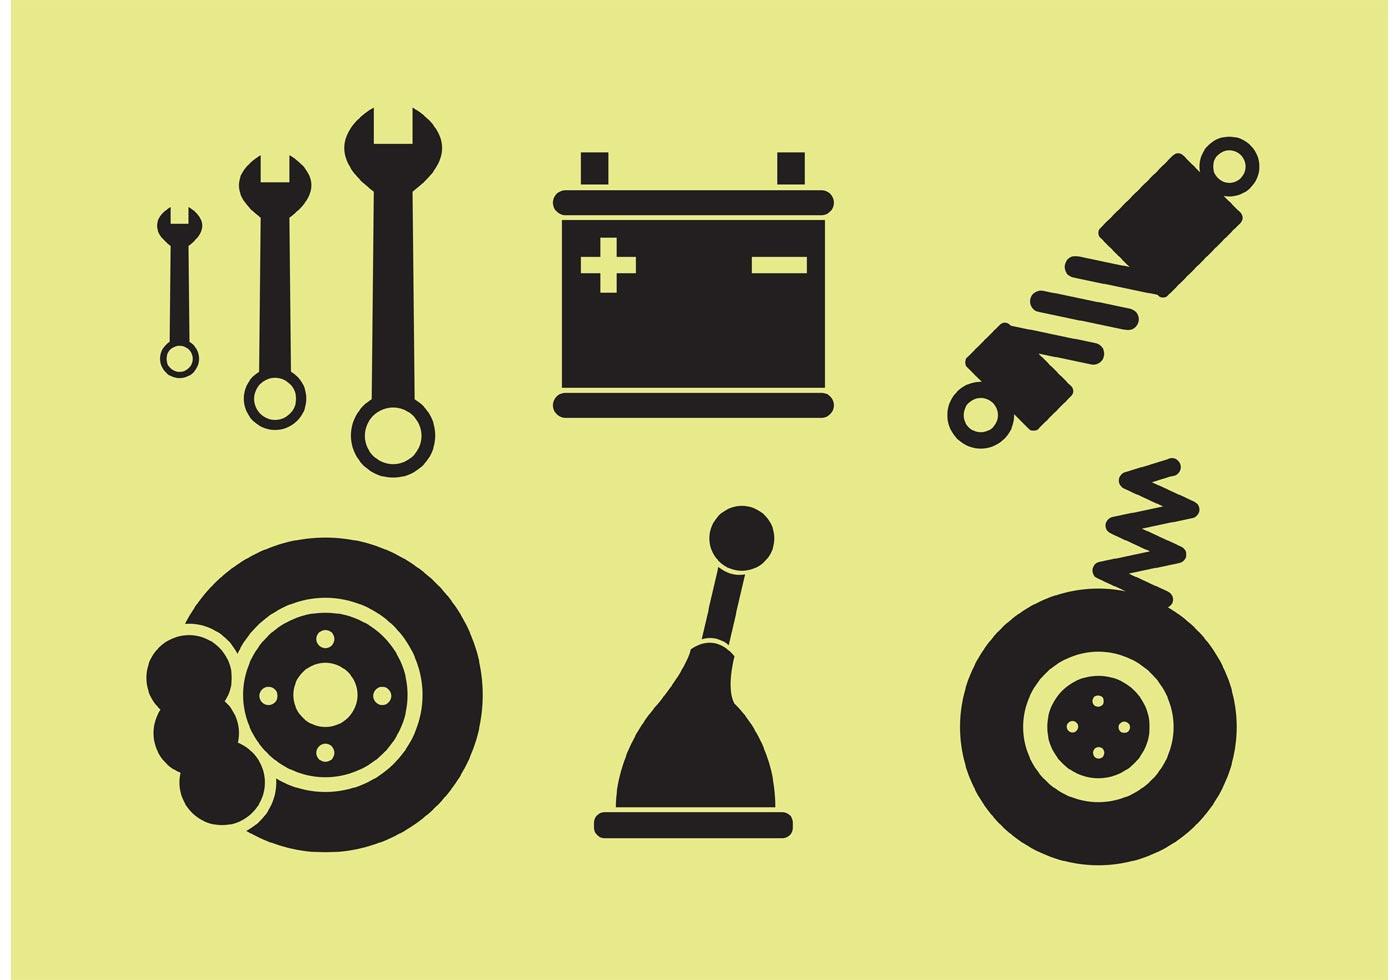 Car Parts Vectors - Download Free Vector Art, Stock Graphics & Images